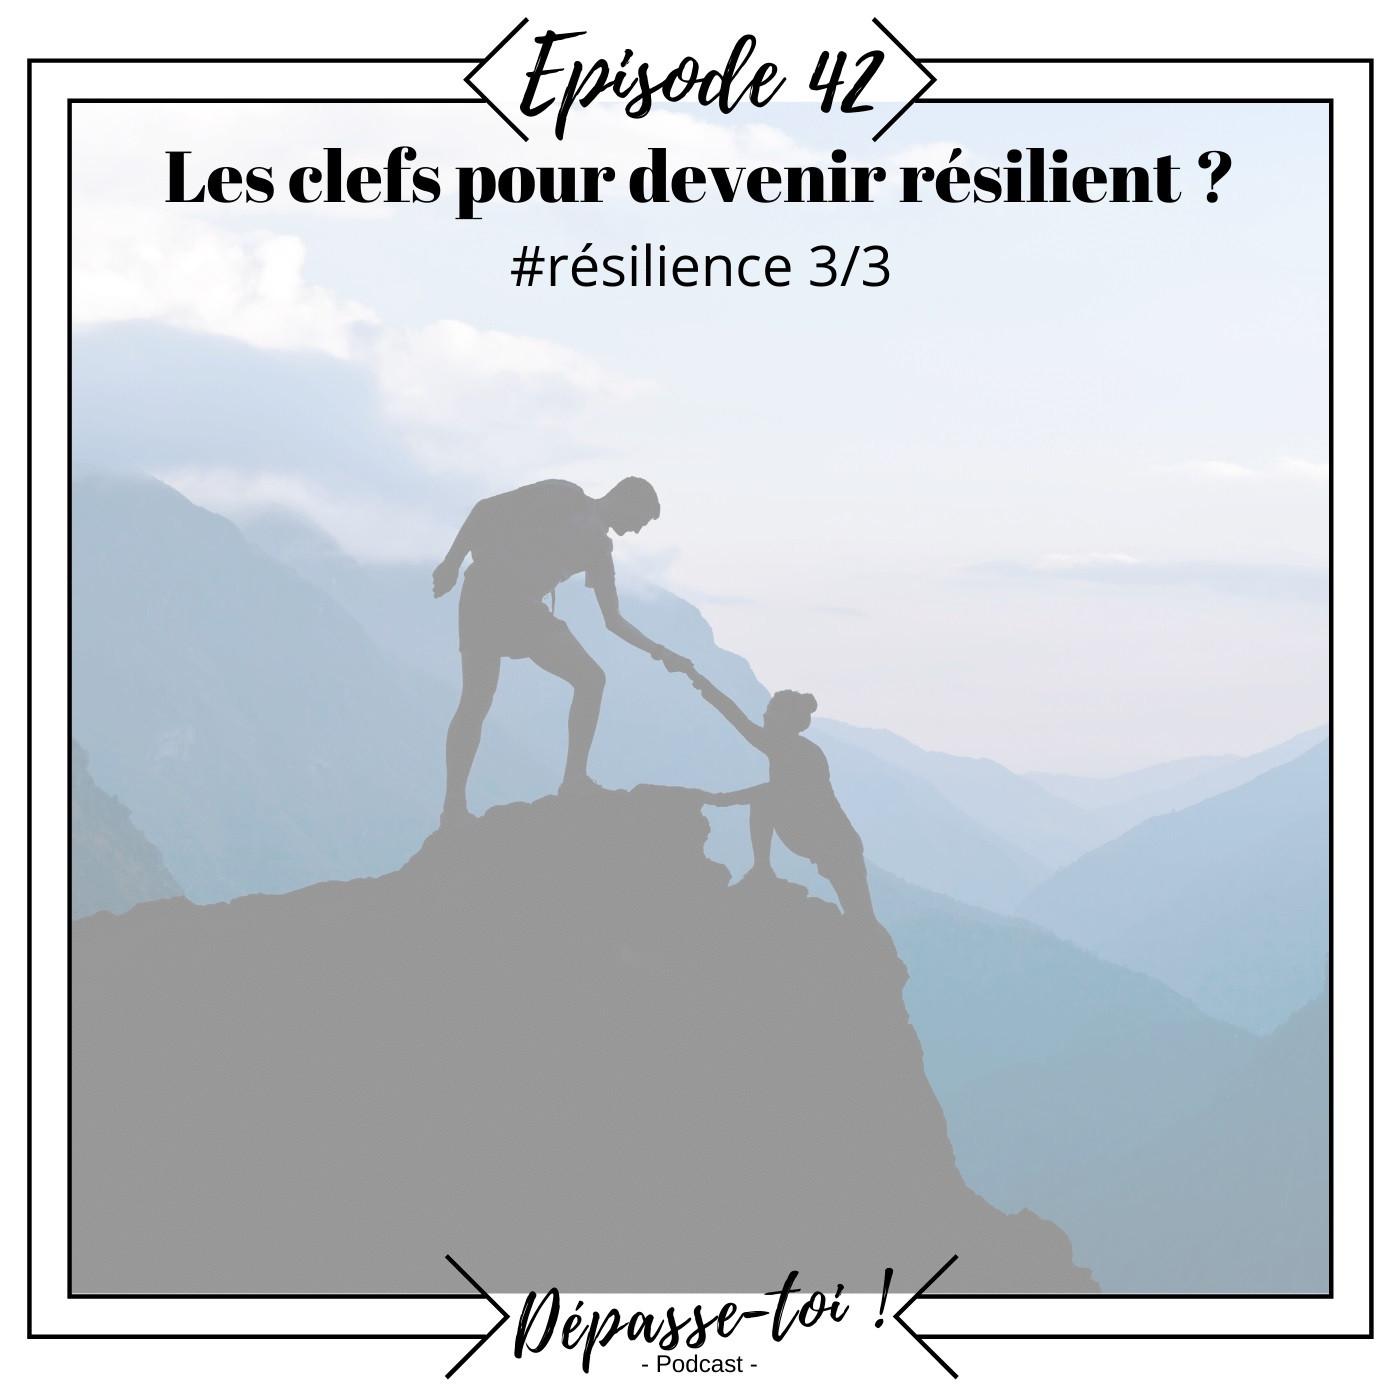 #42 - Balade hypnotique - les clefs de la résilience (Résilience 3/3)